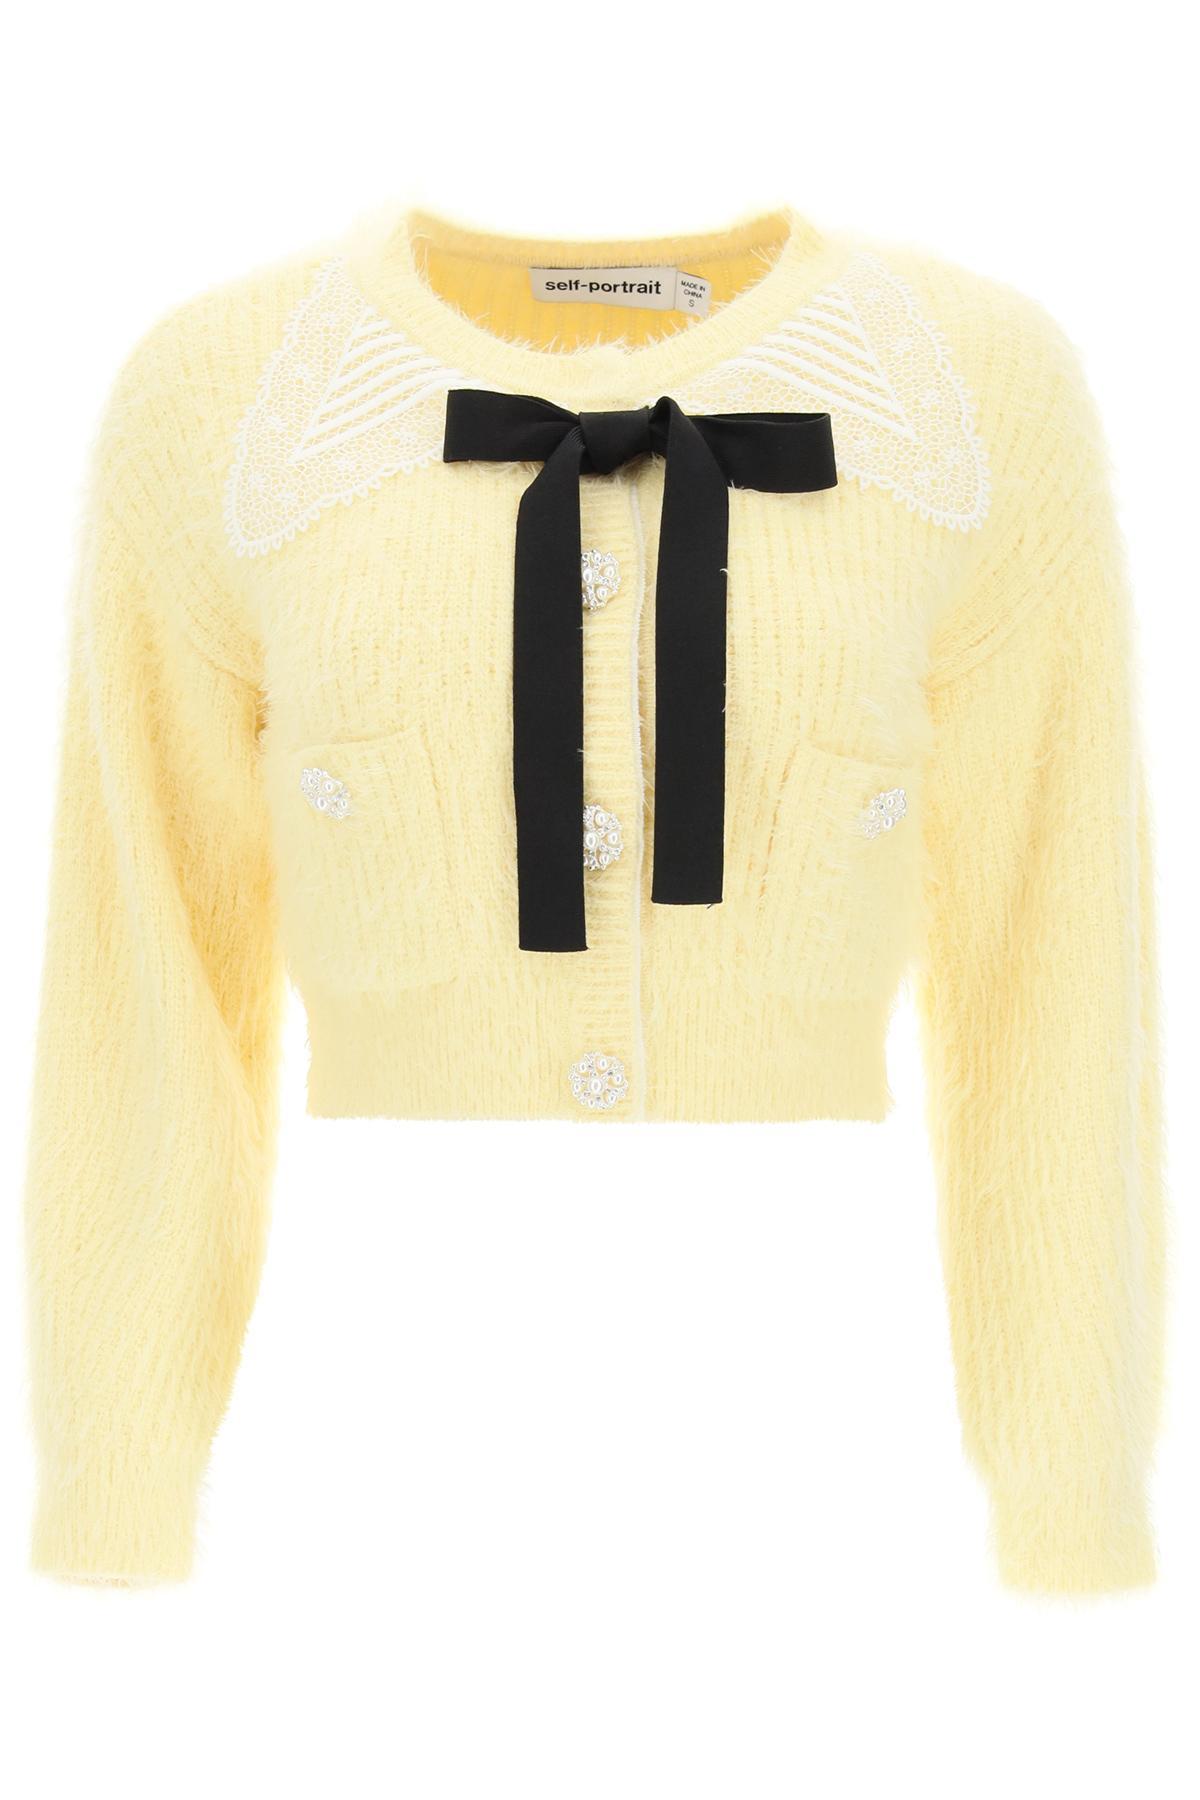 self portrait cardigan con colletto guipure e bottoni gioiello s giallo cotone, lana